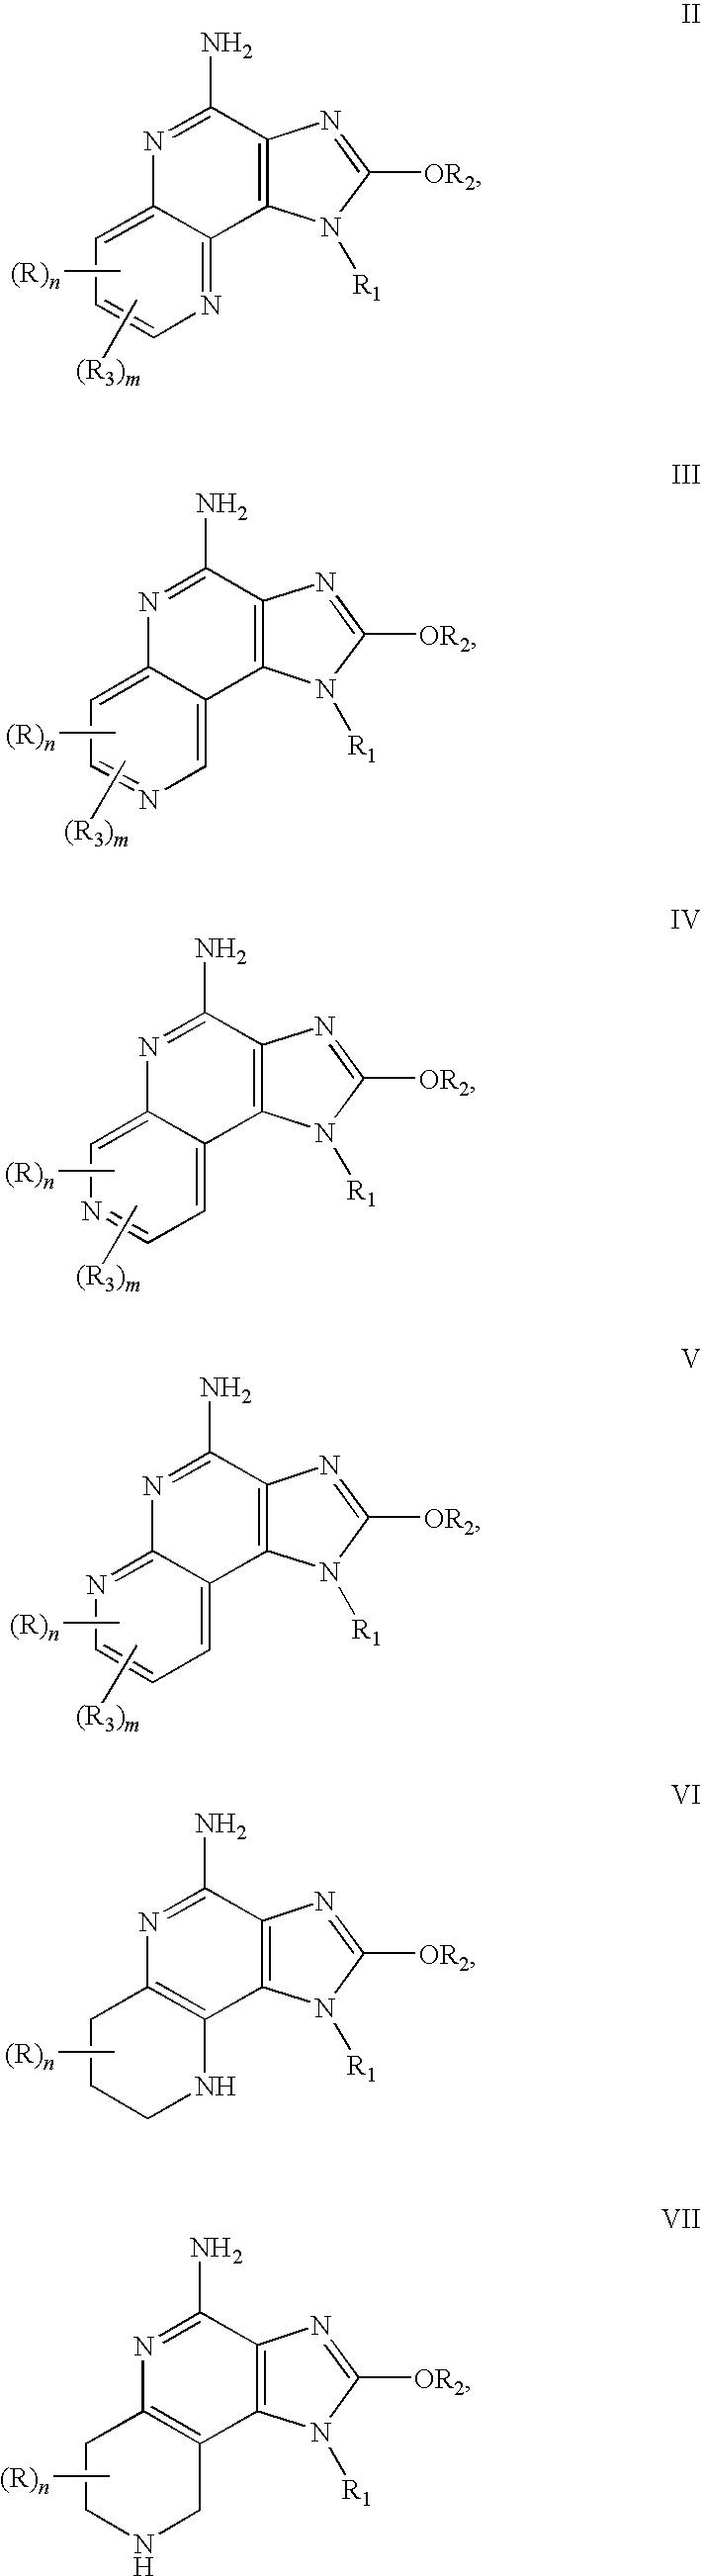 Figure US20090298821A1-20091203-C00002